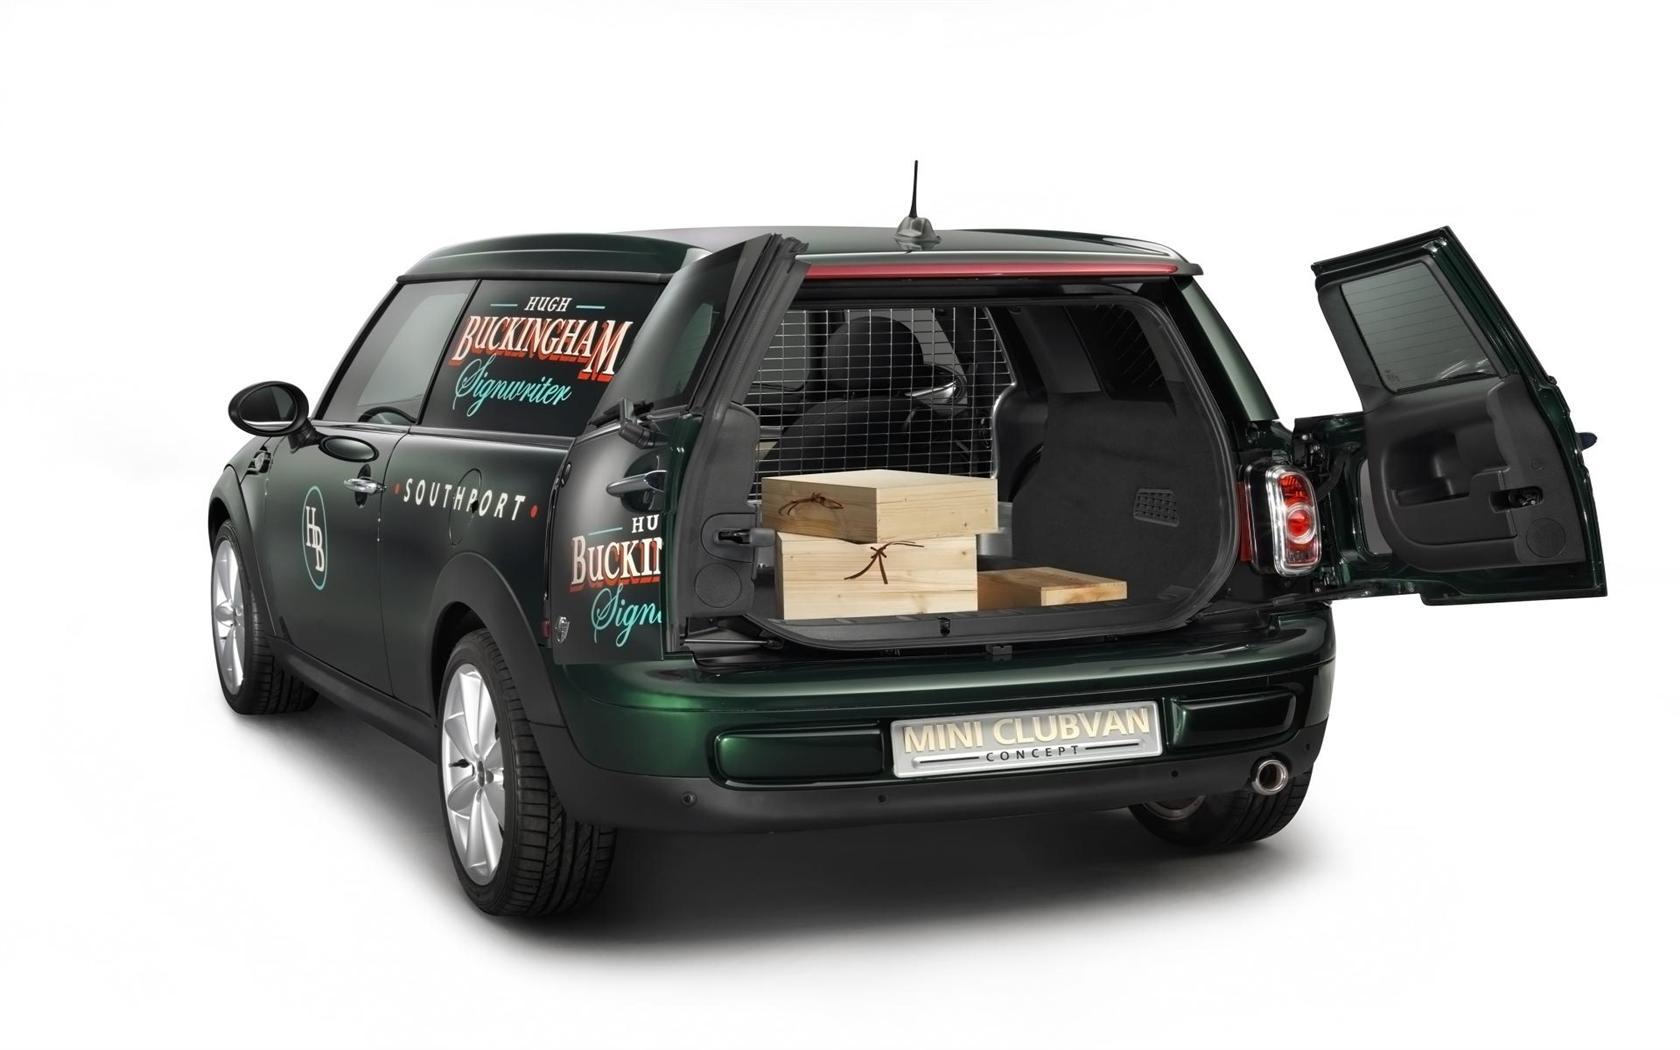 Mini Rocketman 2018 >> 2012 MINI Clubvan Concept Image. https://www.conceptcarz.com/images/MINI/Mini-Clubvan-Concept ...